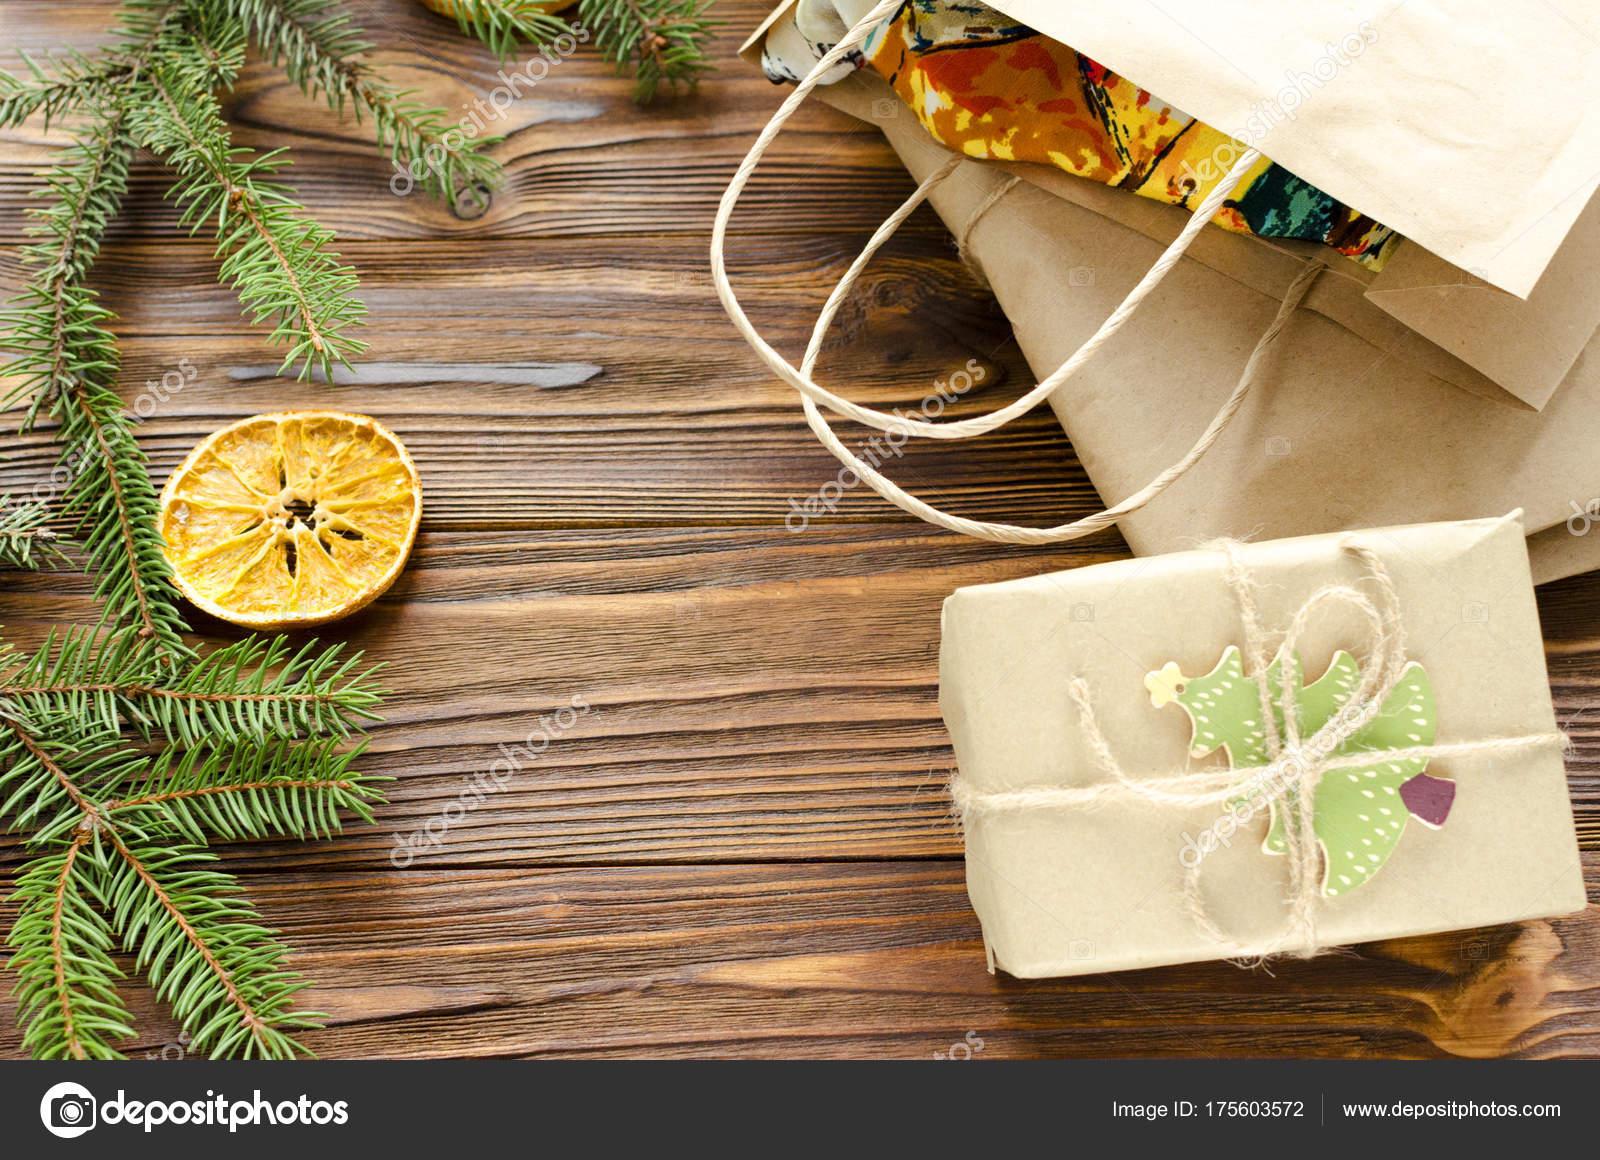 bo te kraft sac papier cadeau sur table bois d cor sapin photographie 2fotostock. Black Bedroom Furniture Sets. Home Design Ideas